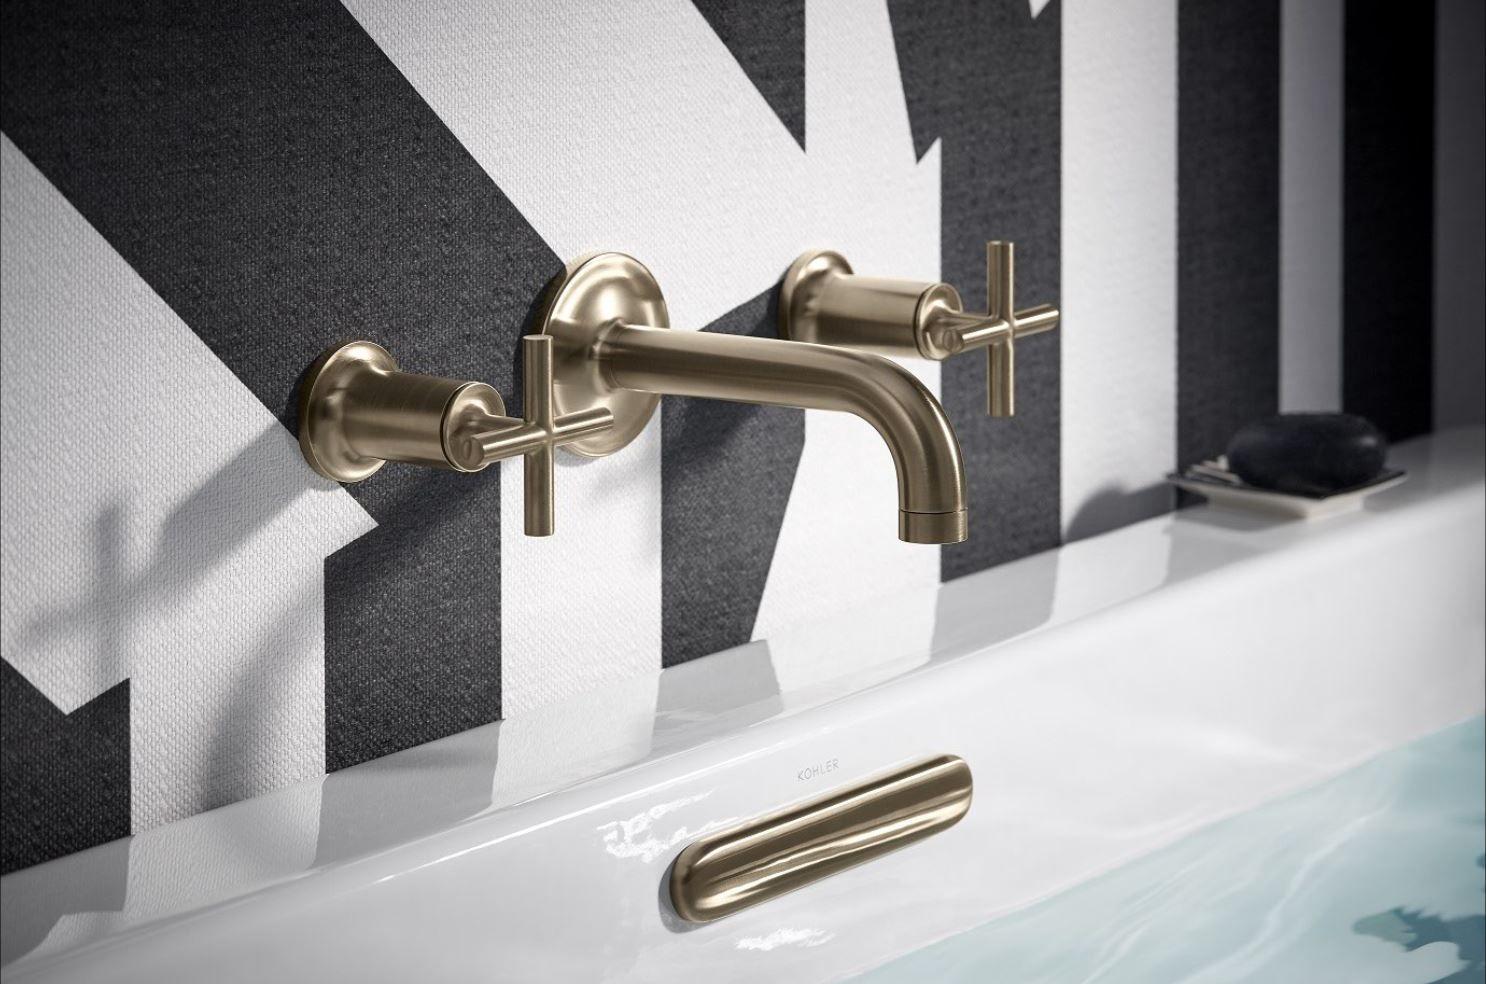 Kohler Purist Wall Mount Bath Filler Damask Bathroom Wall Mount Faucet Bathroom Wall Mount Faucet Bathroom Sink